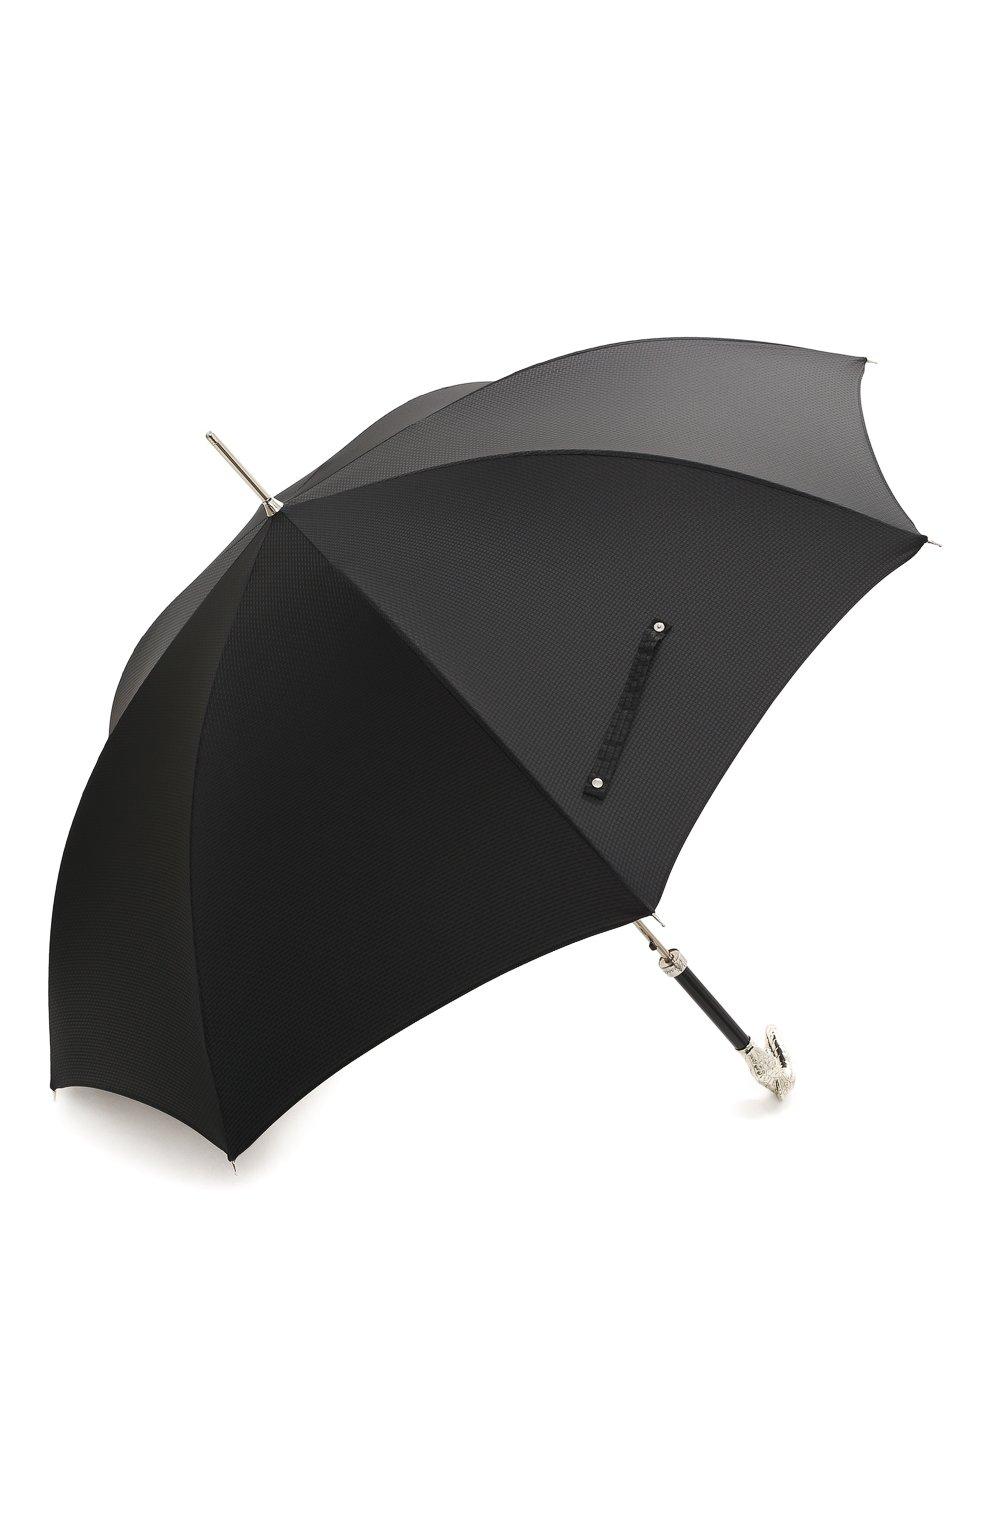 Мужской зонт-трость PASOTTI OMBRELLI черного цвета, арт. 478/NIAGARA 7079/8/W09 | Фото 2 (Материал: Текстиль, Синтетический материал, Металл; Статус проверки: Проверено, Проверена категория)